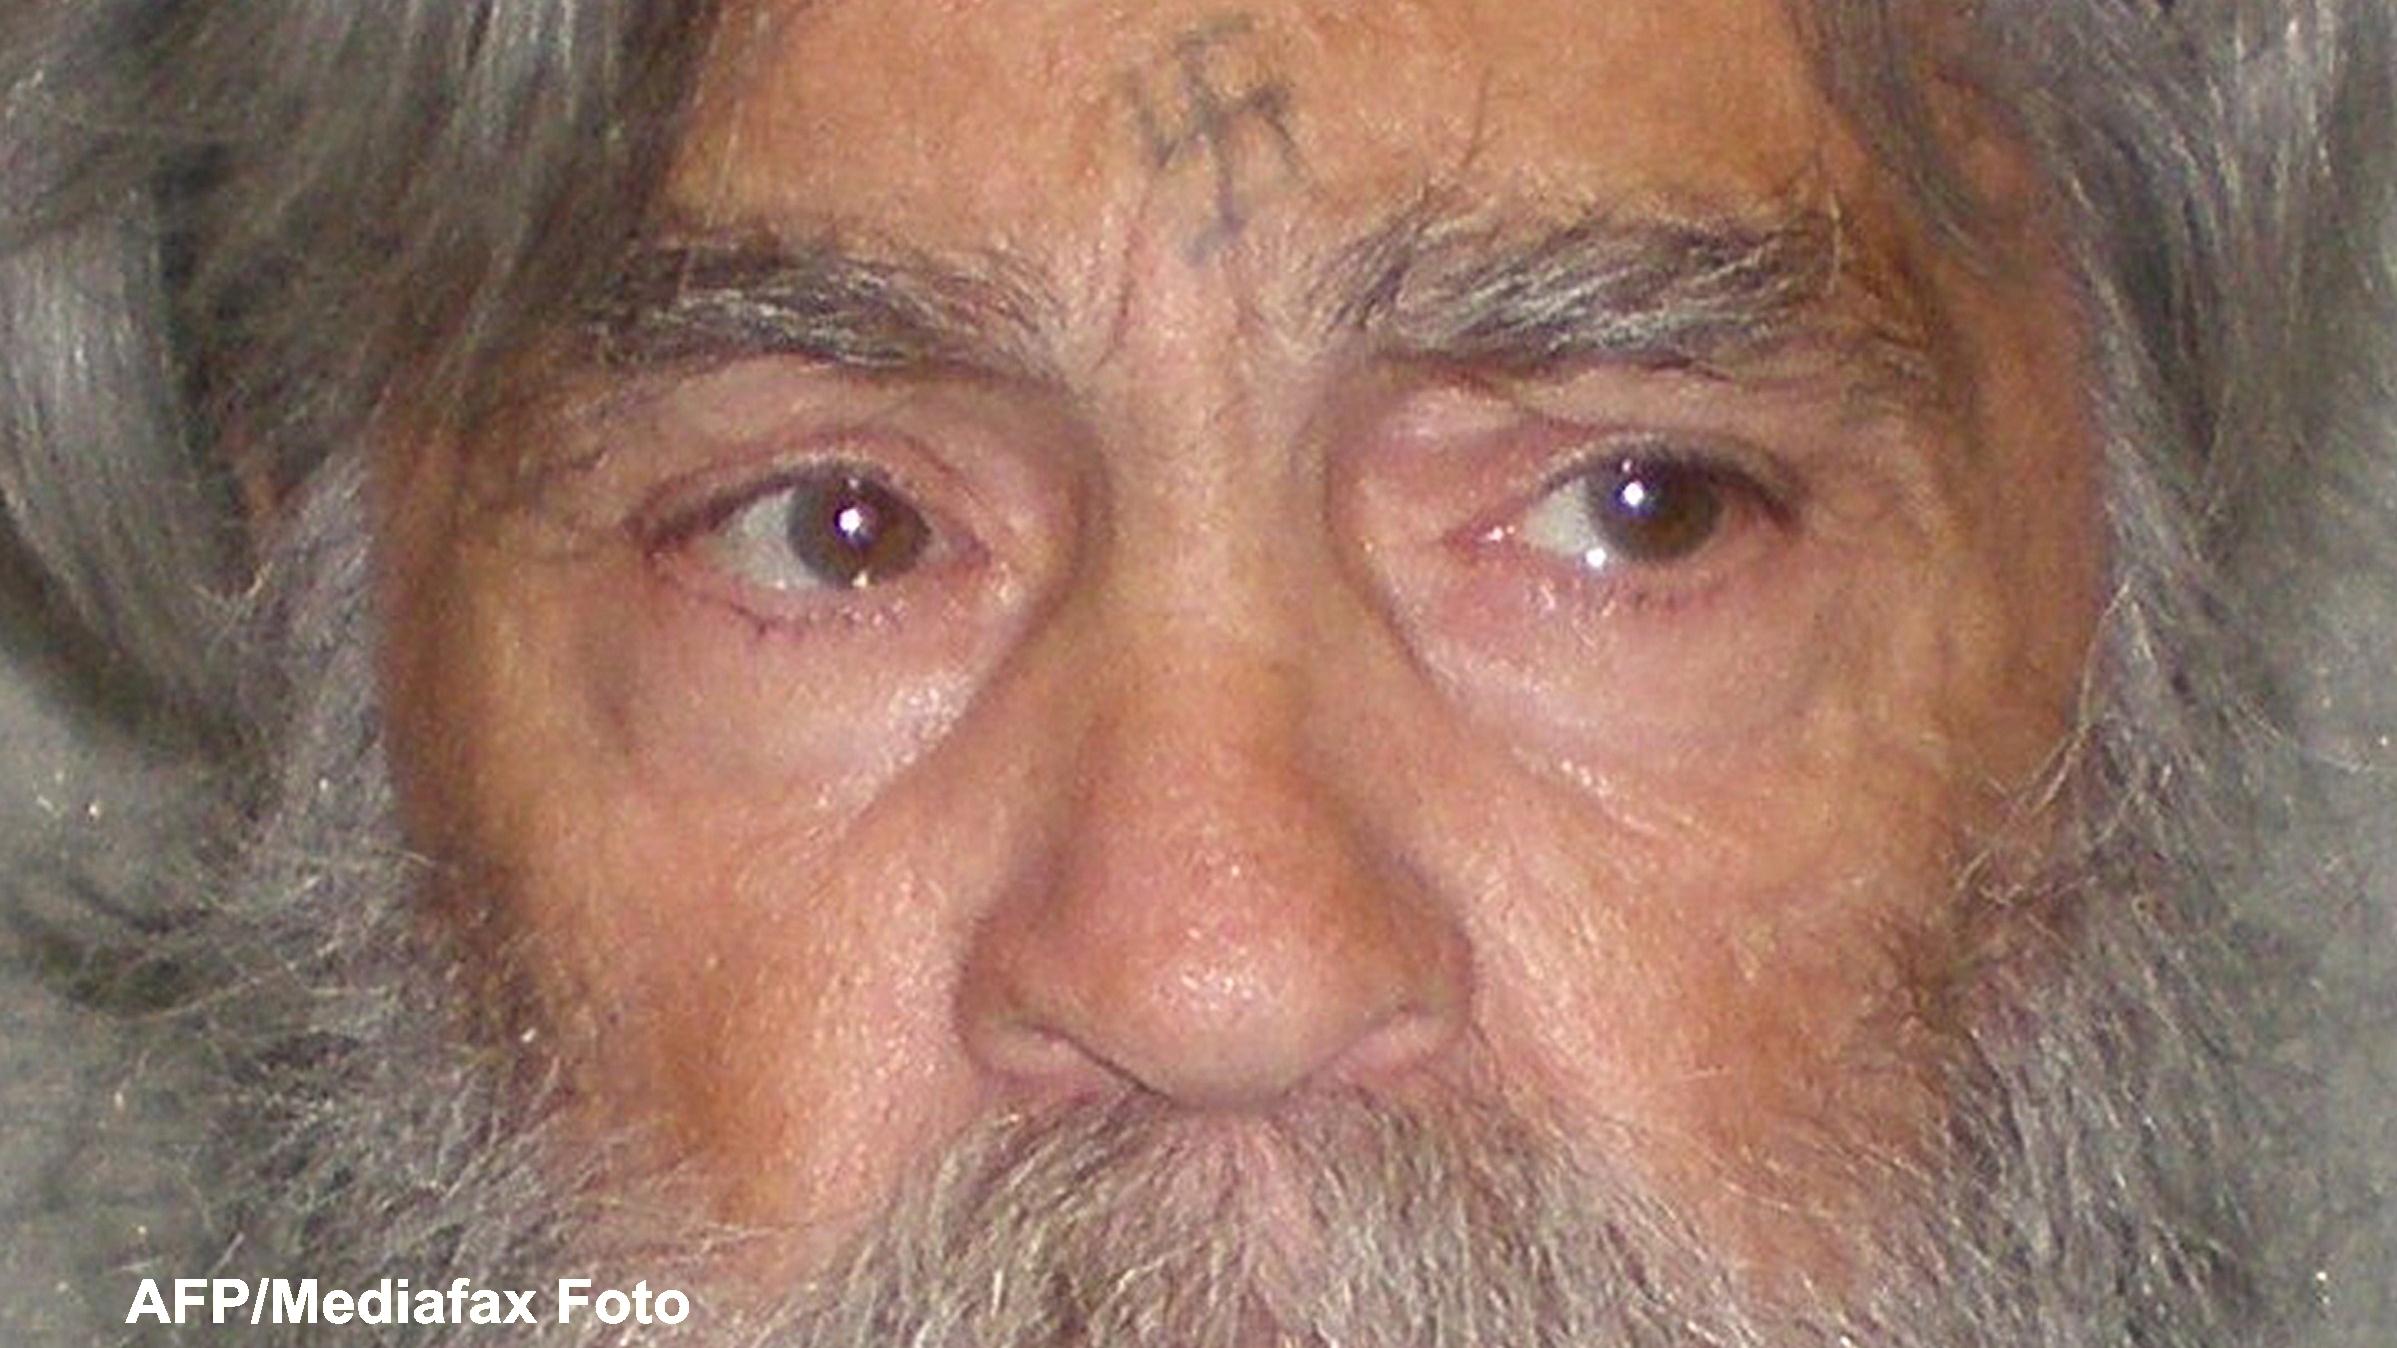 Celebrul criminal Charles Manson isi lanseaza un album de muzica, inregistrat in inchisoare. AUDIO